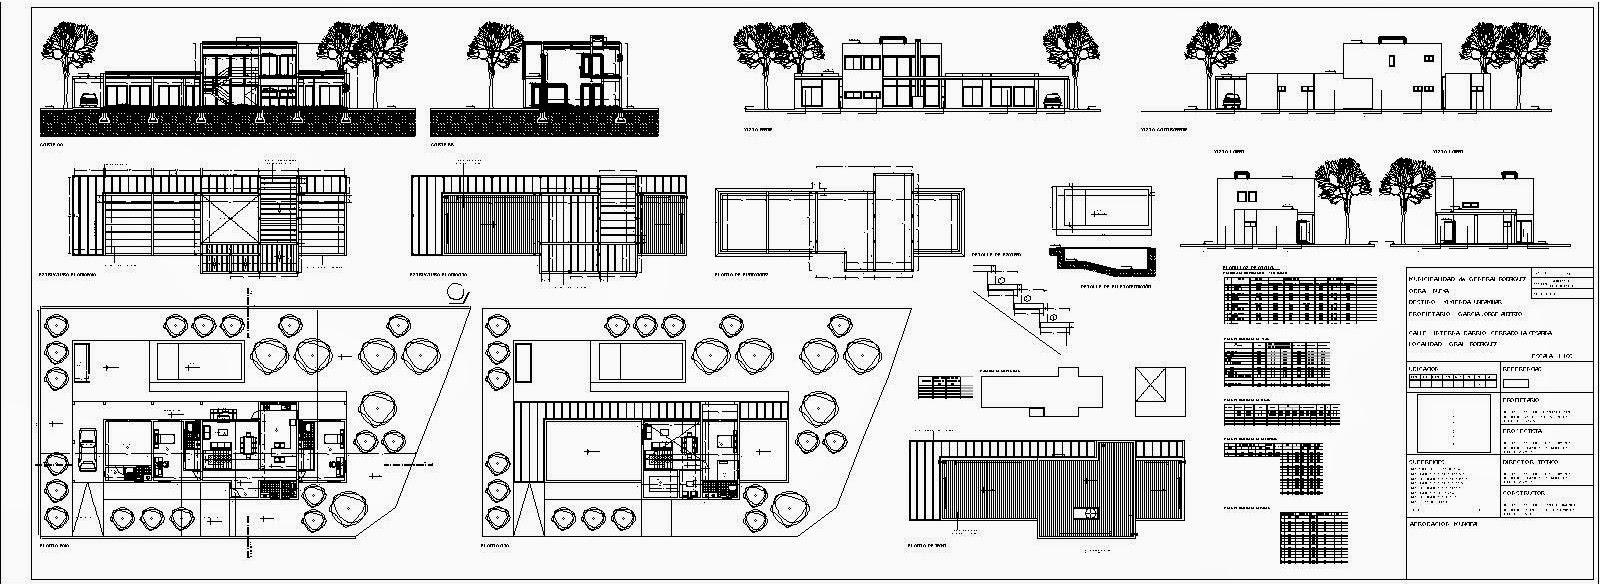 Pilar baltera anteproyecto proyecto casa ortega for Planos completos de casas pdf